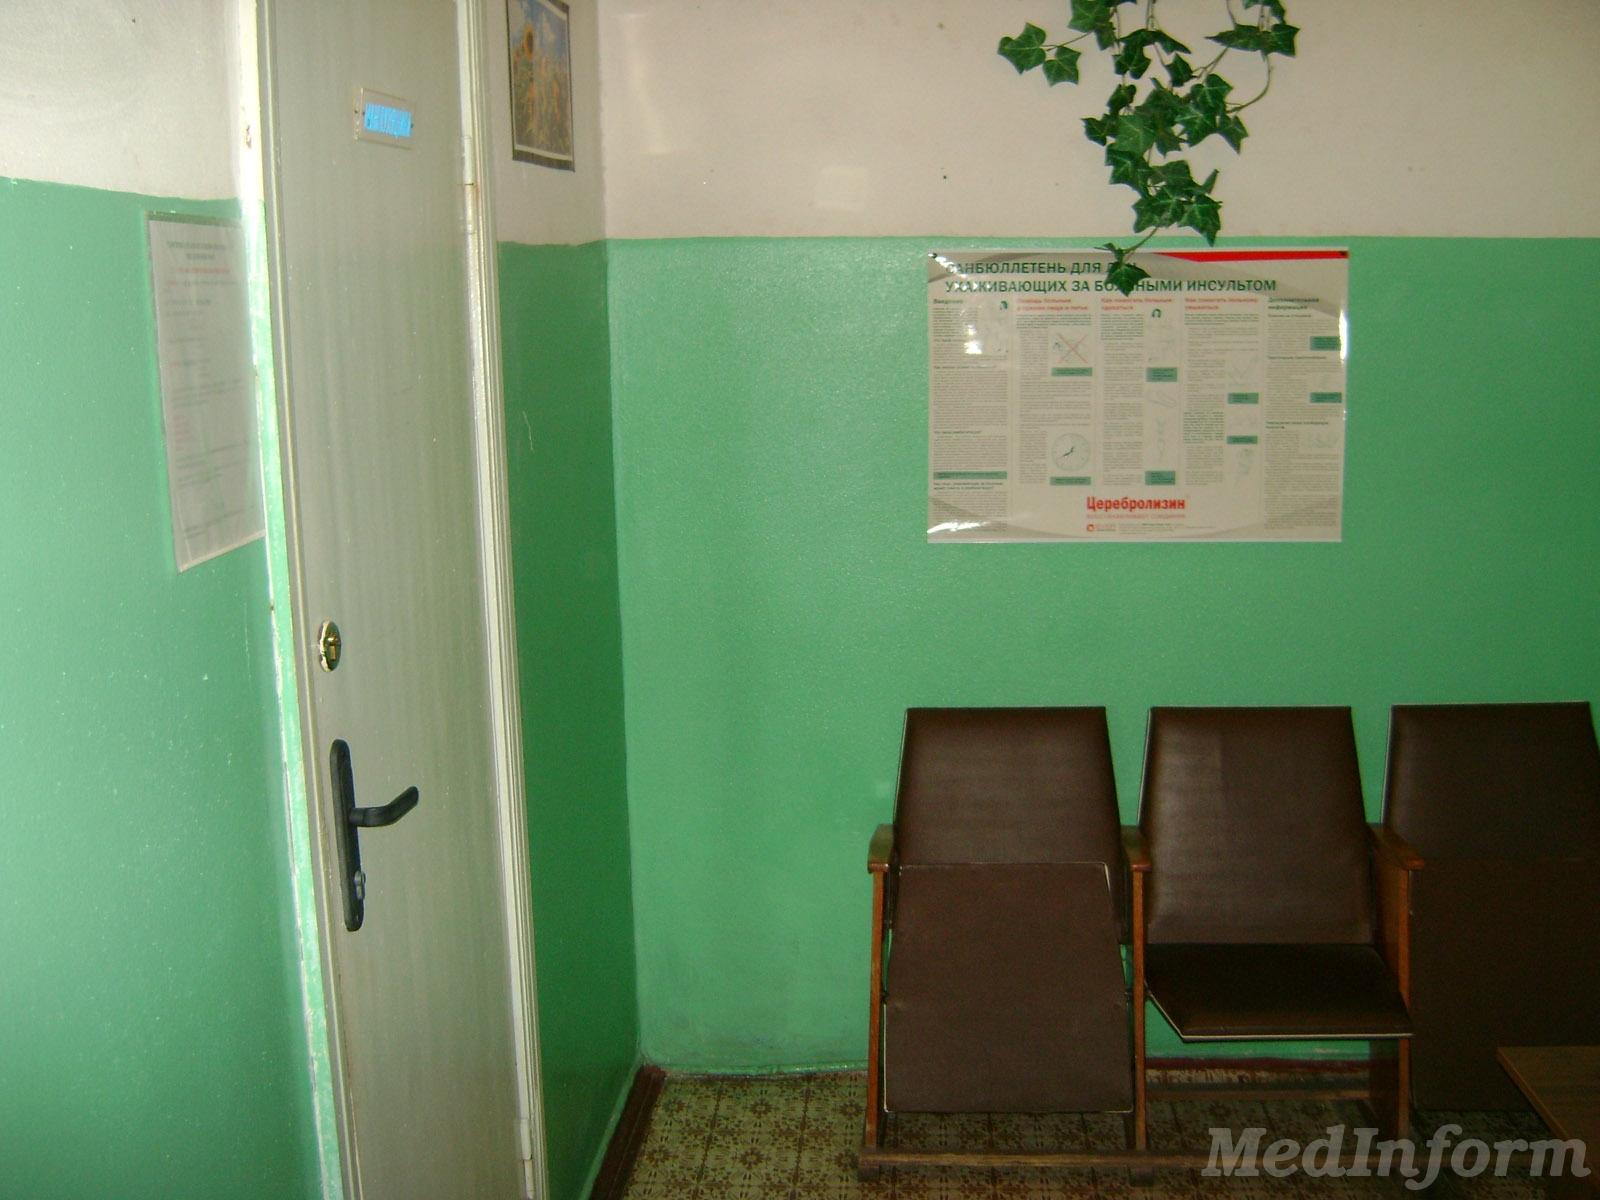 Ооо единый медицинский центр красных текстильщиков